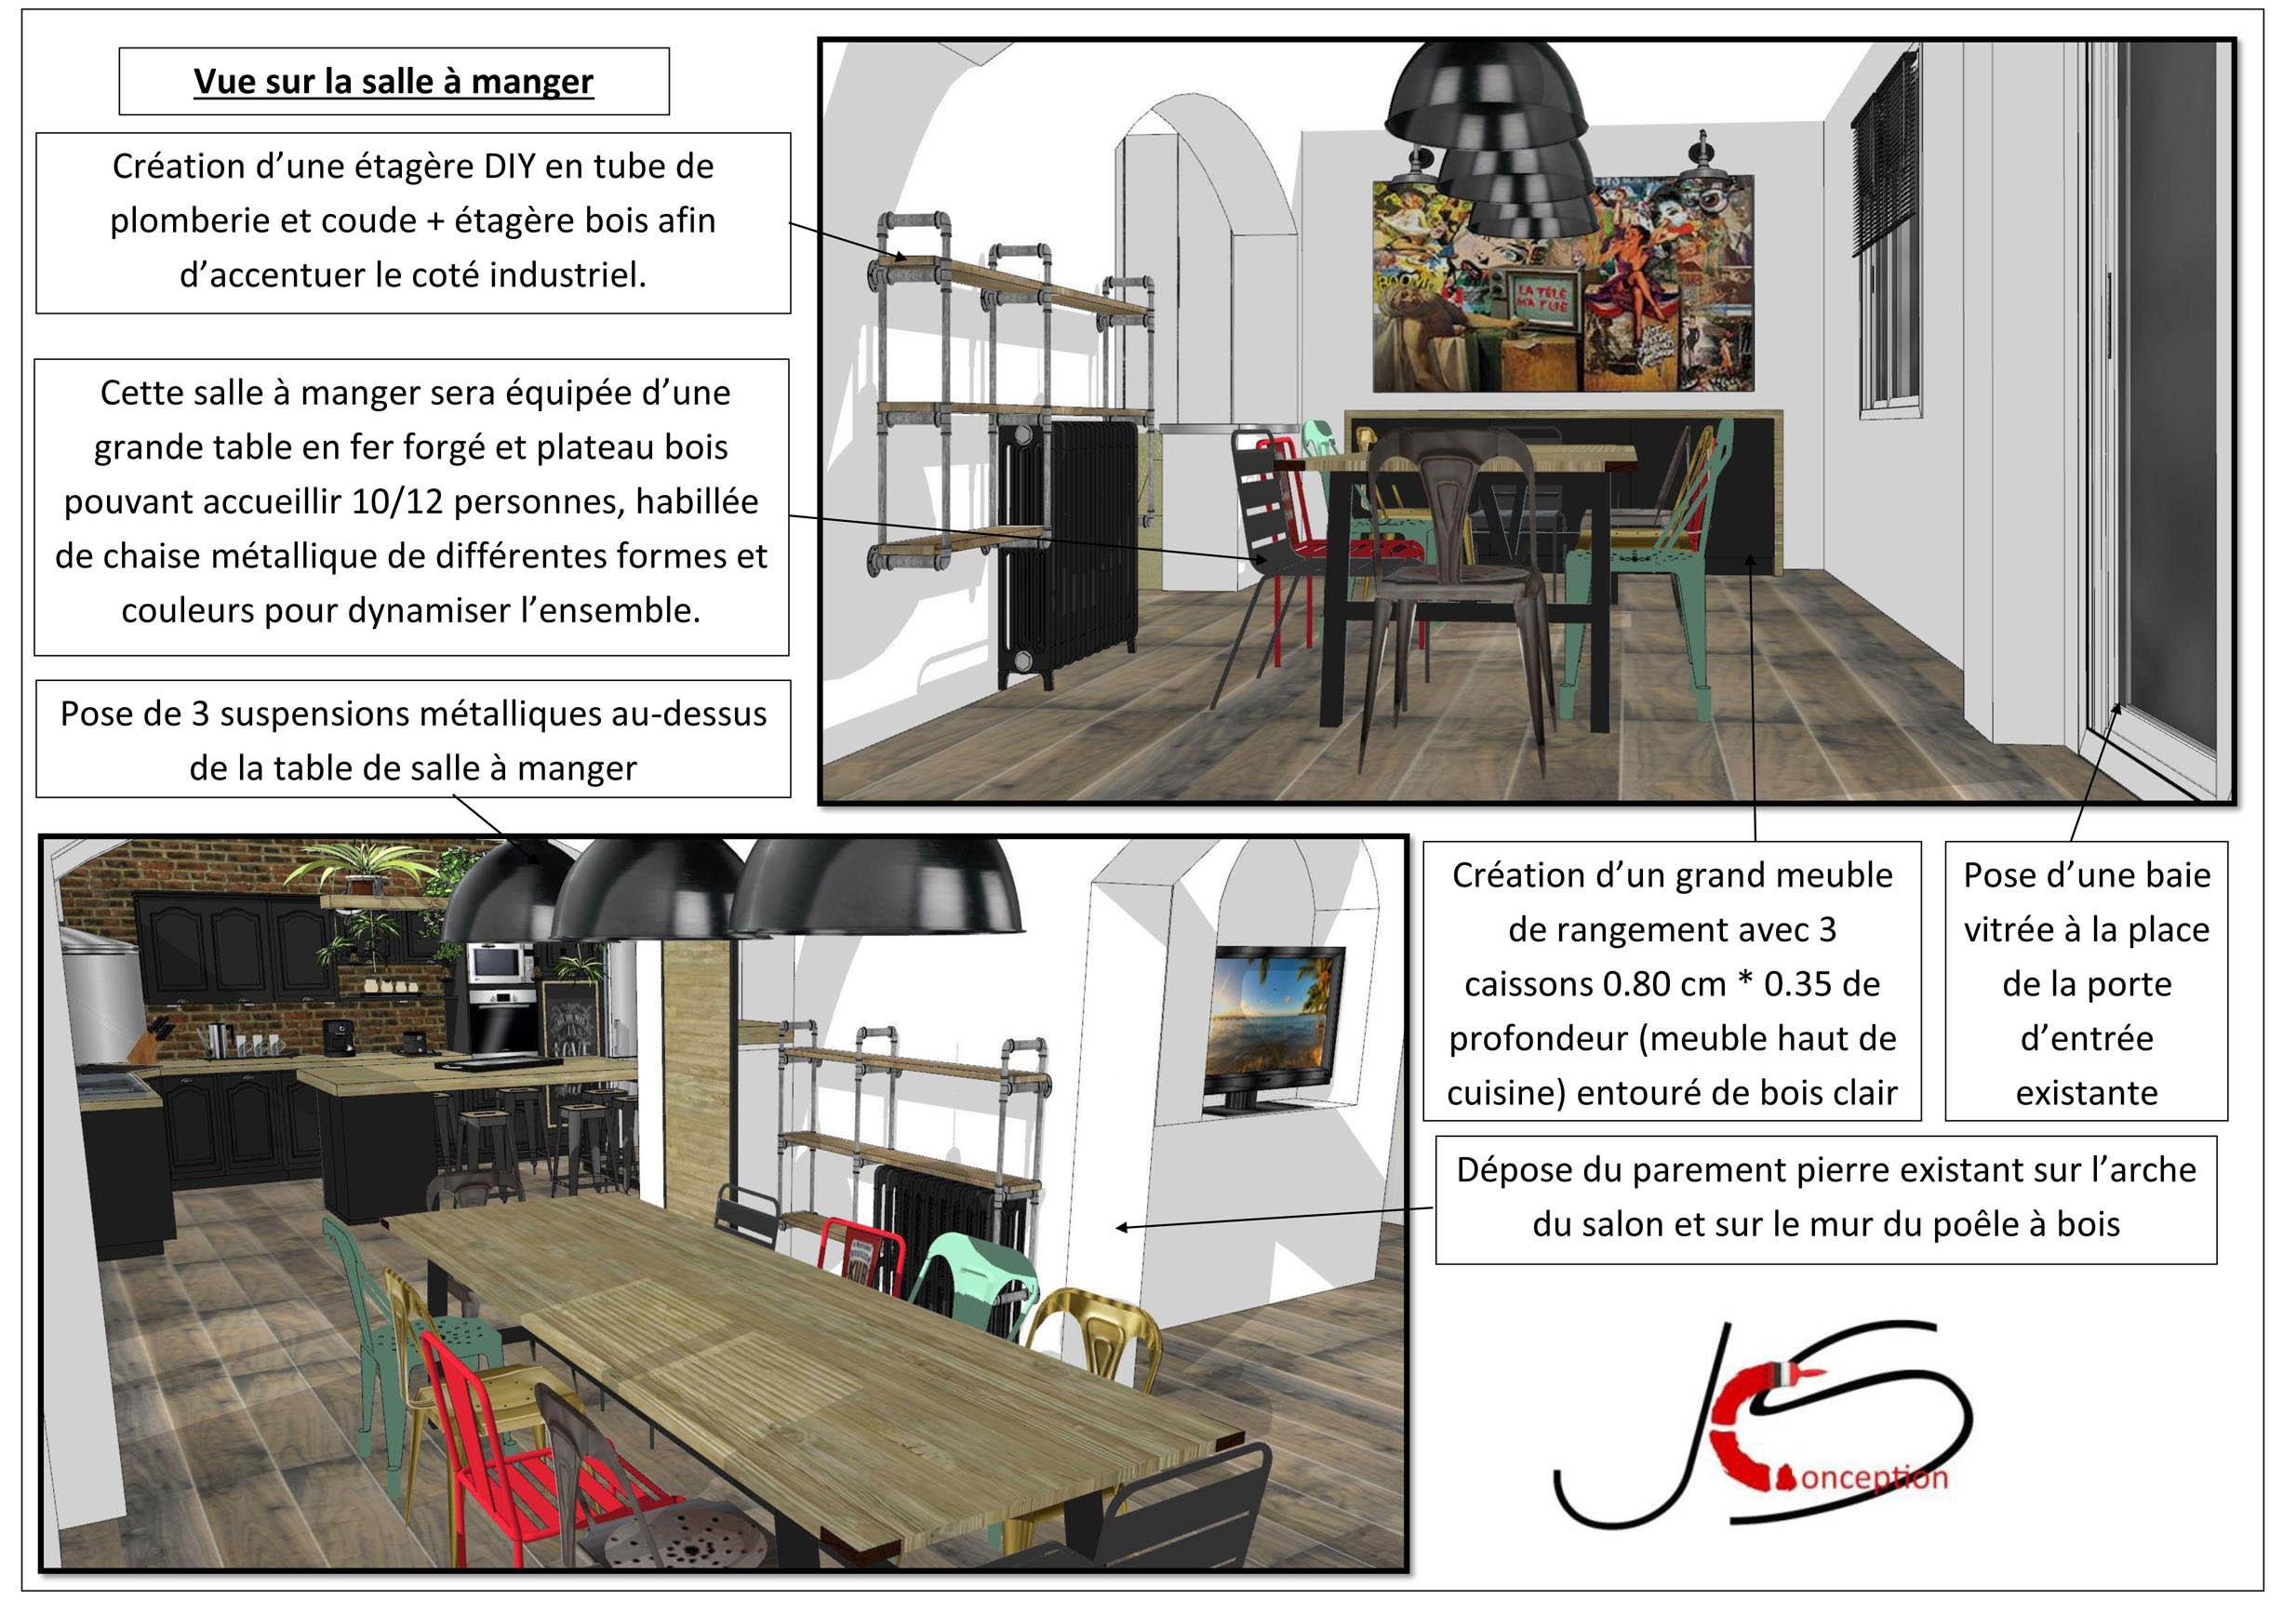 plan 3D du salon